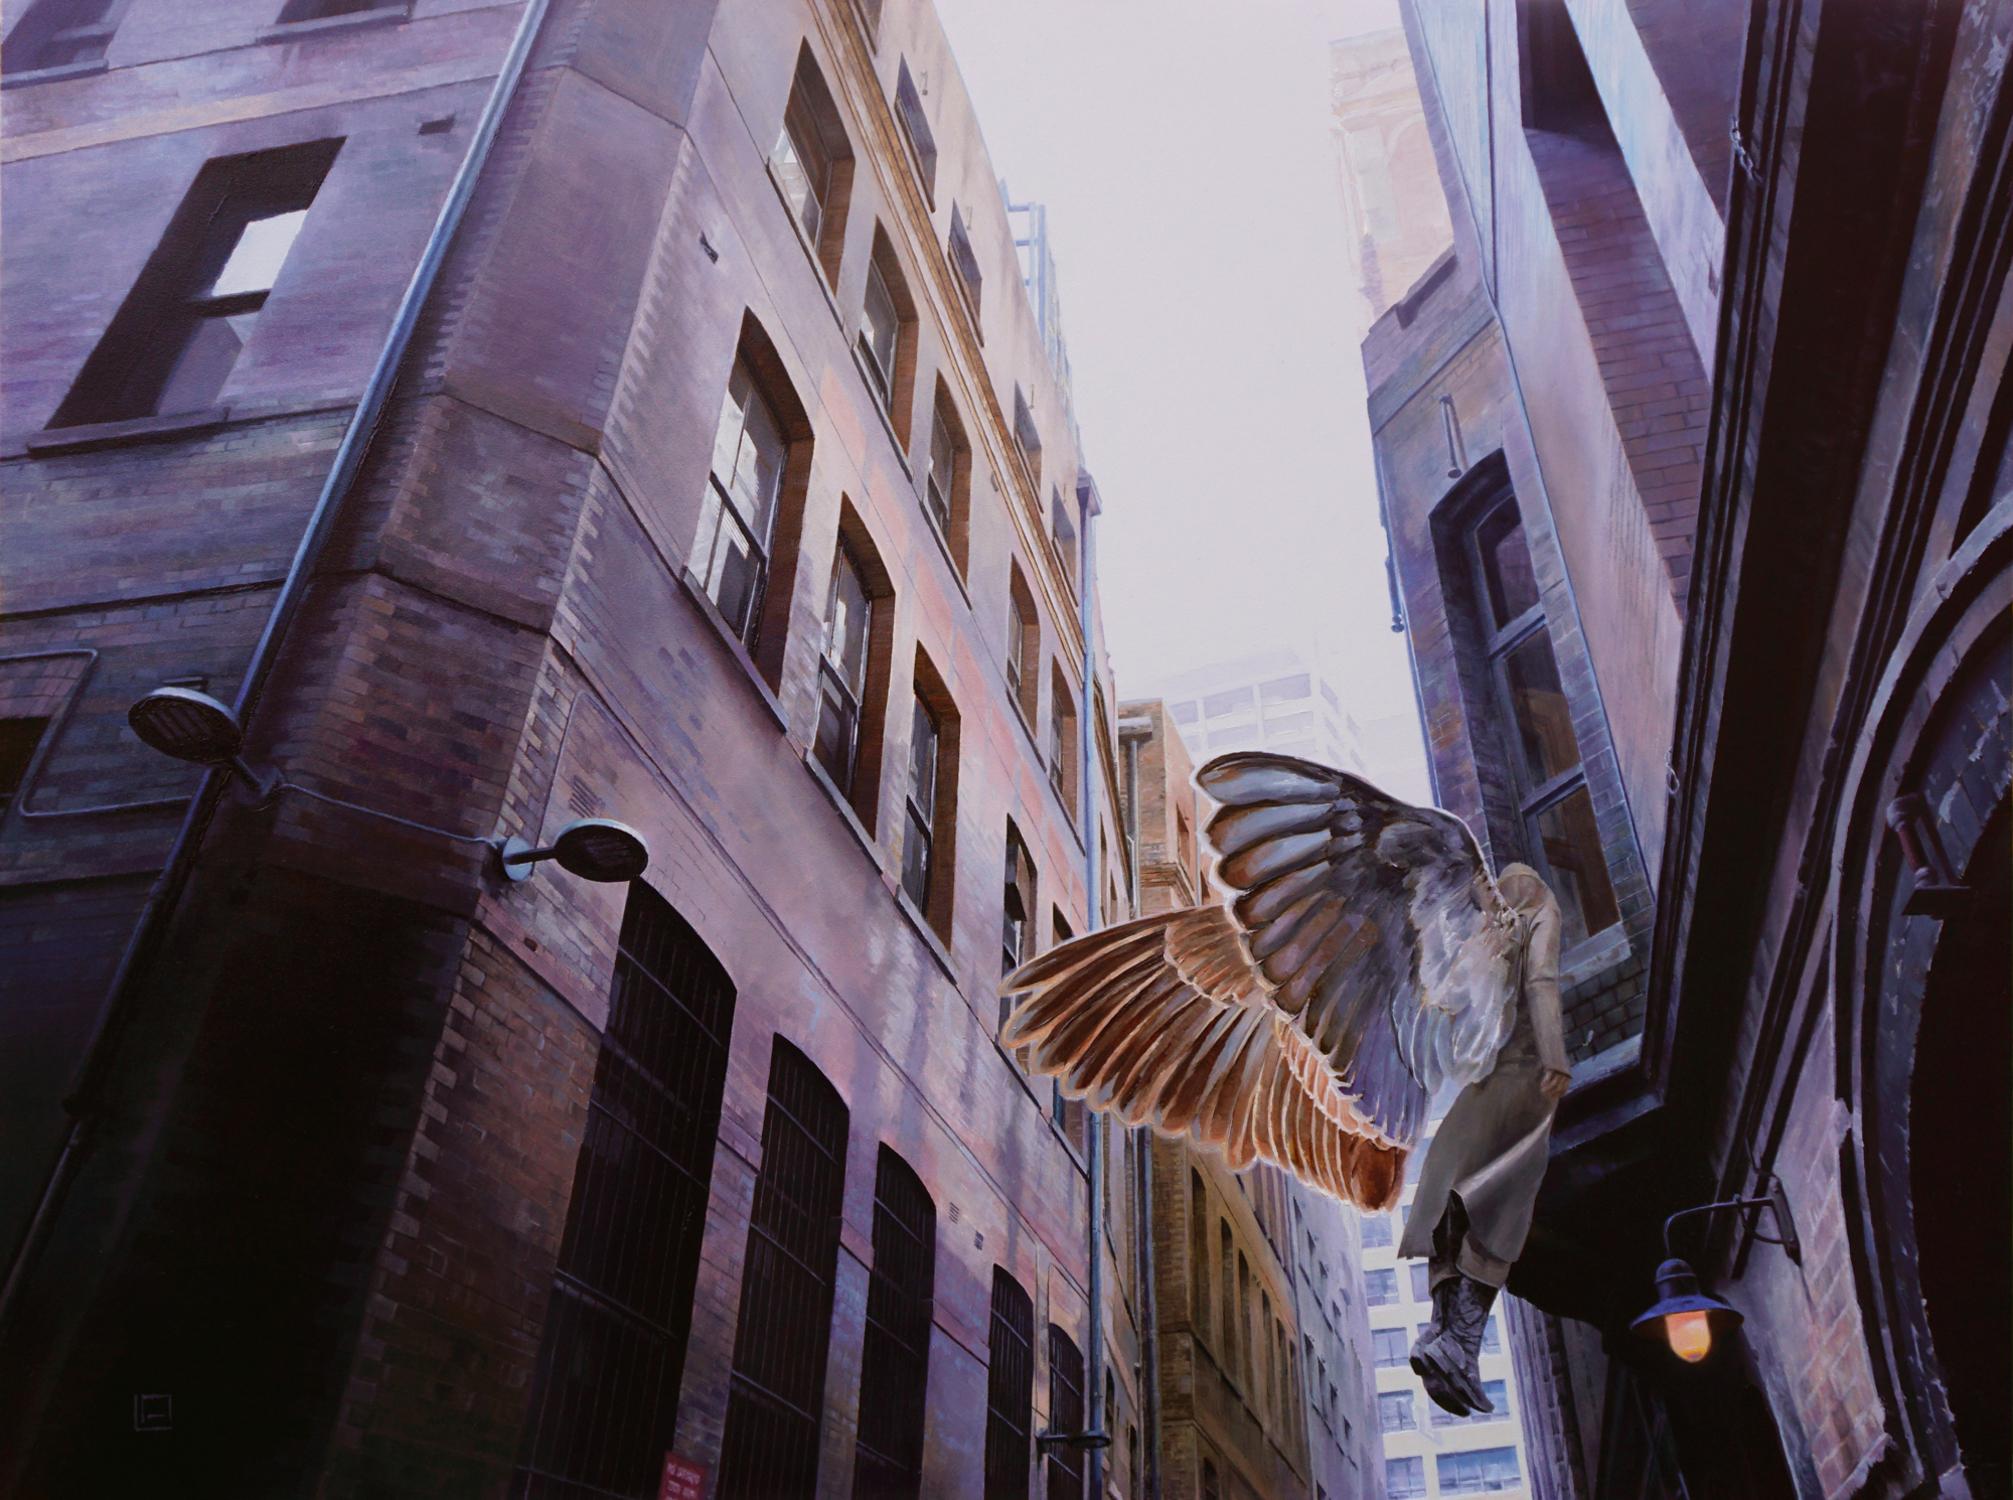 Longing Artwork by Linda Adair